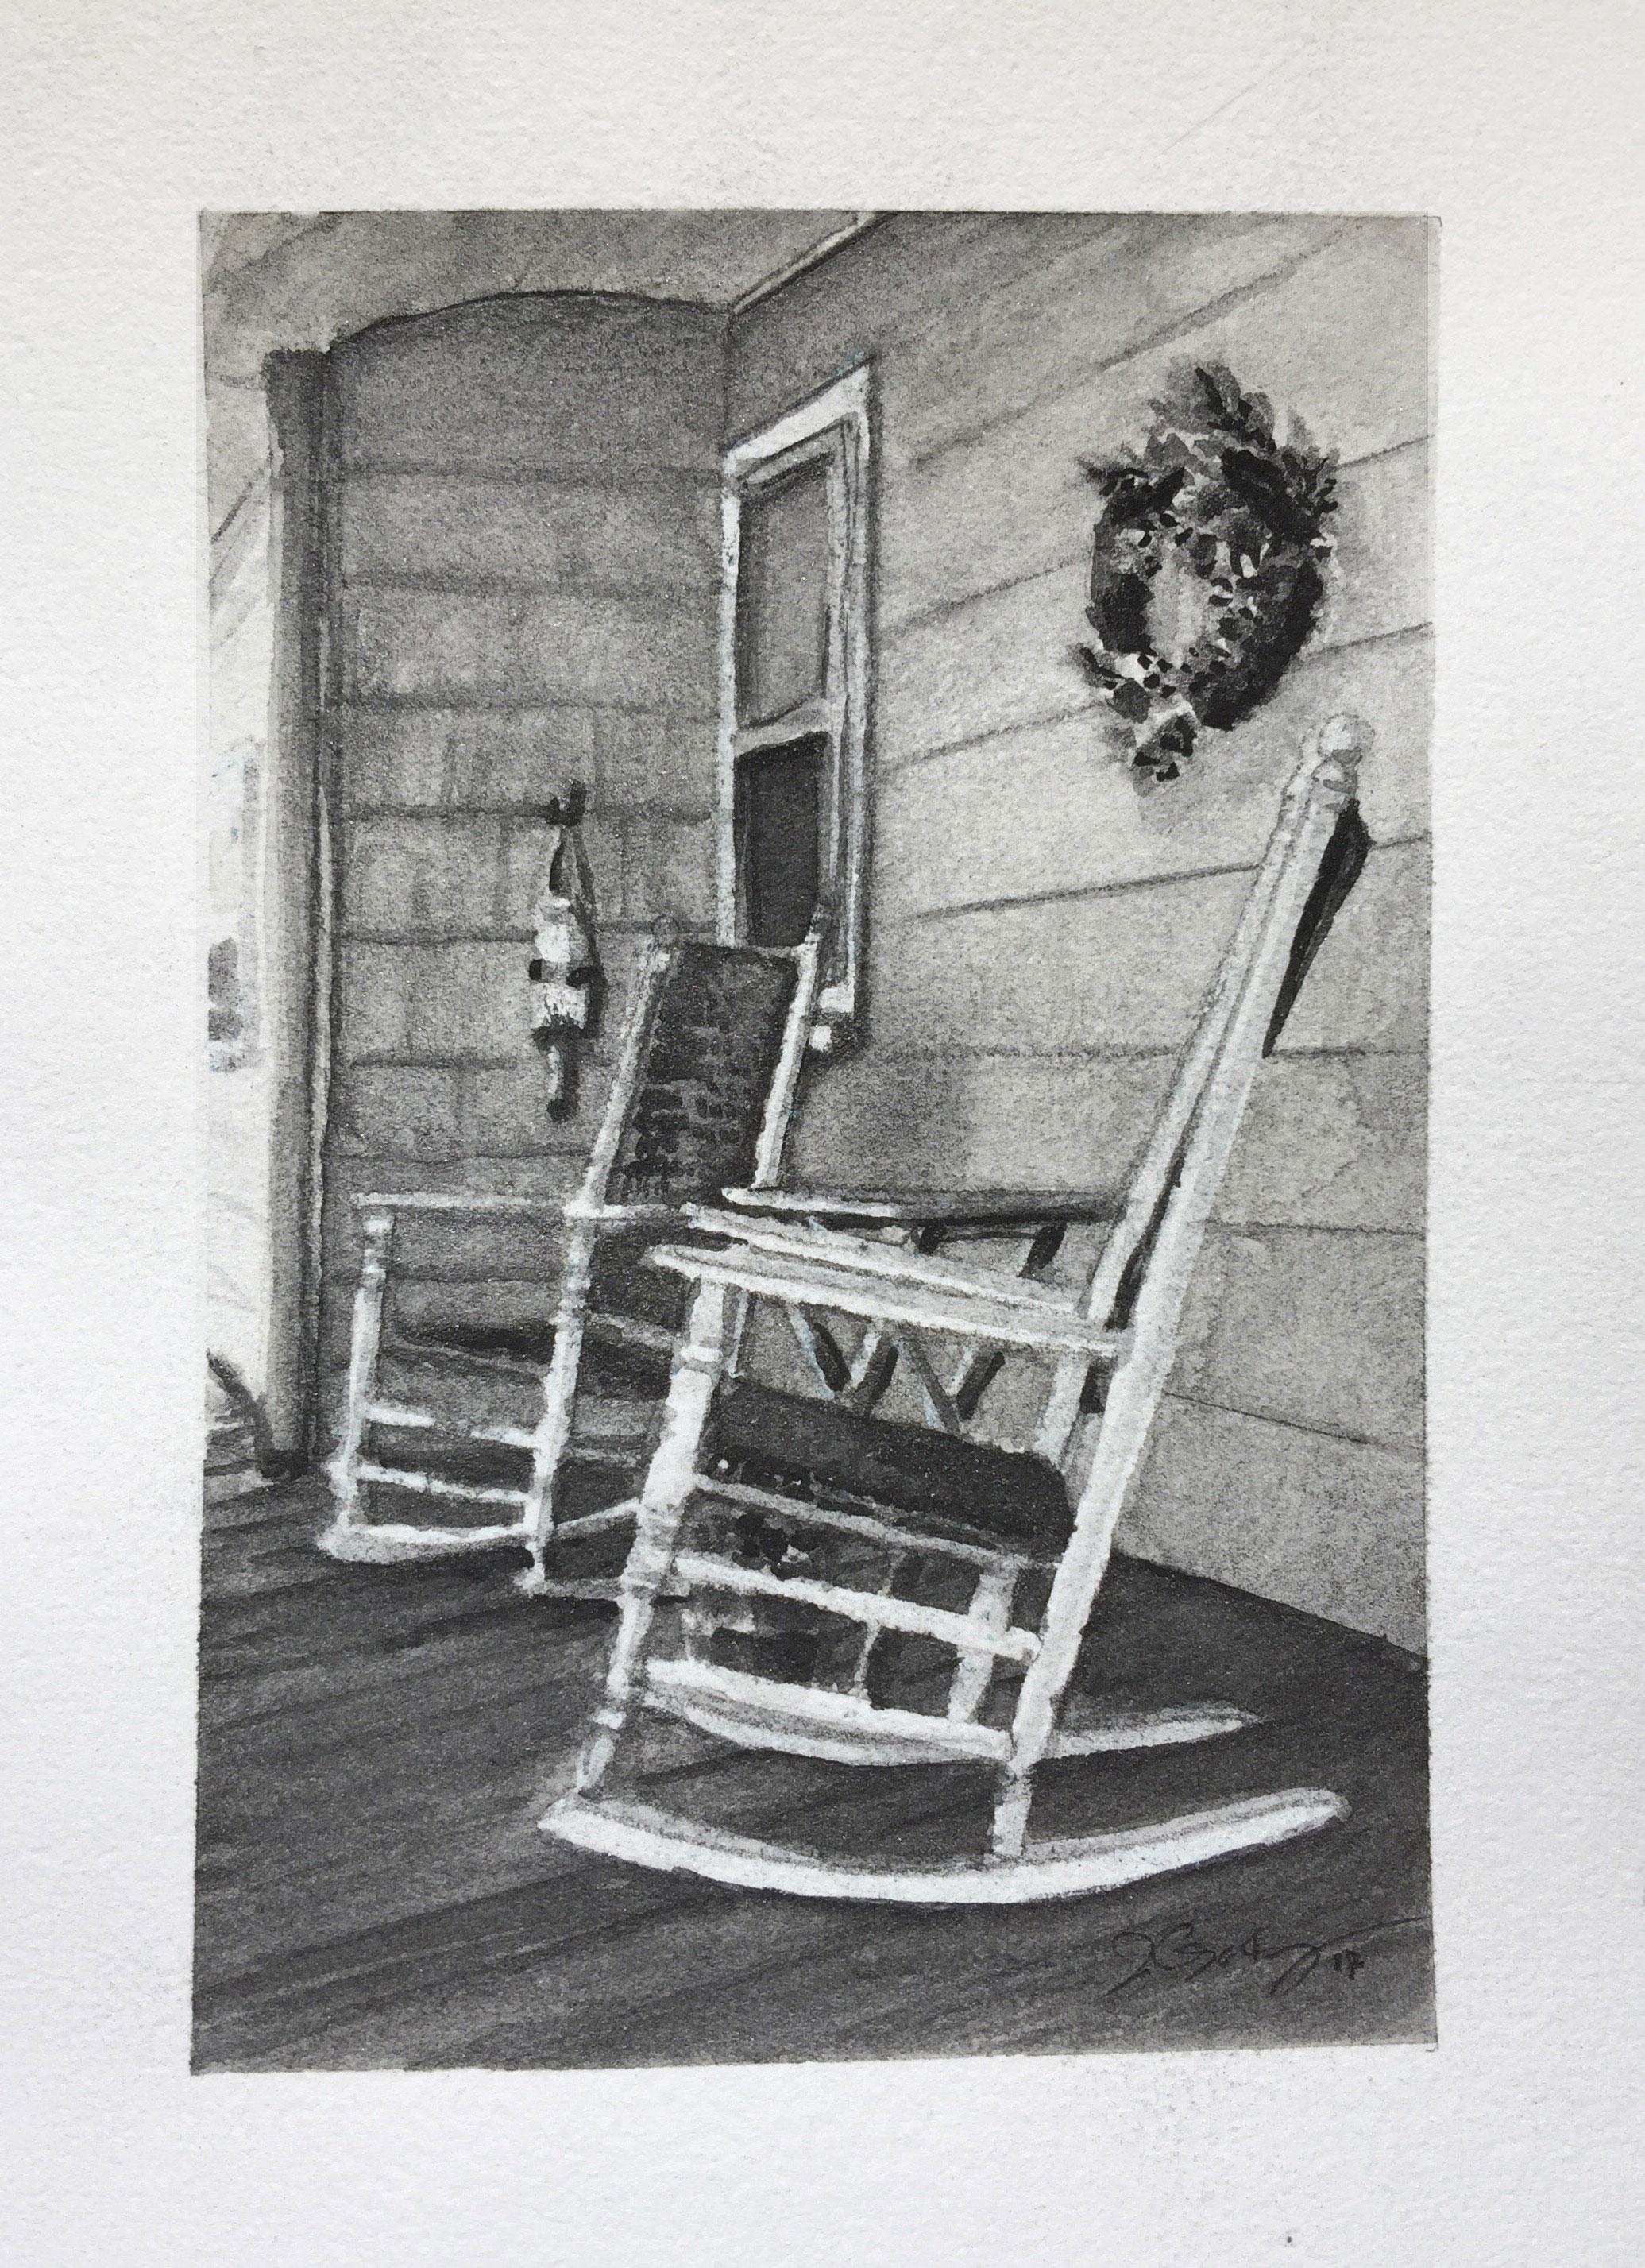 VT Porch